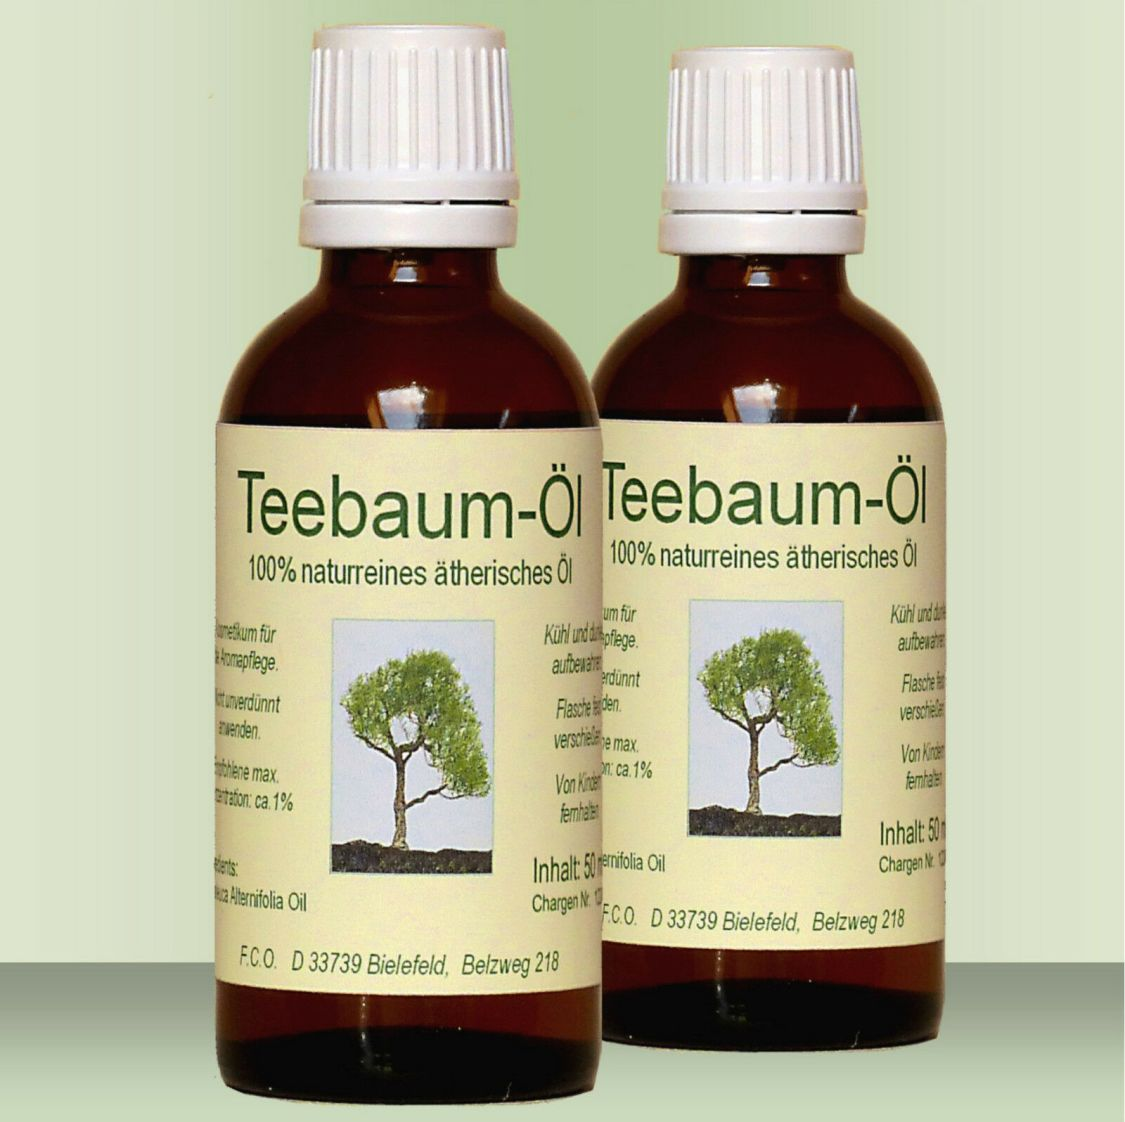 Teebaum Öl Teebaumöl, 2 x 100 ml, 100% naturreines ätherisches Öl (Australien)